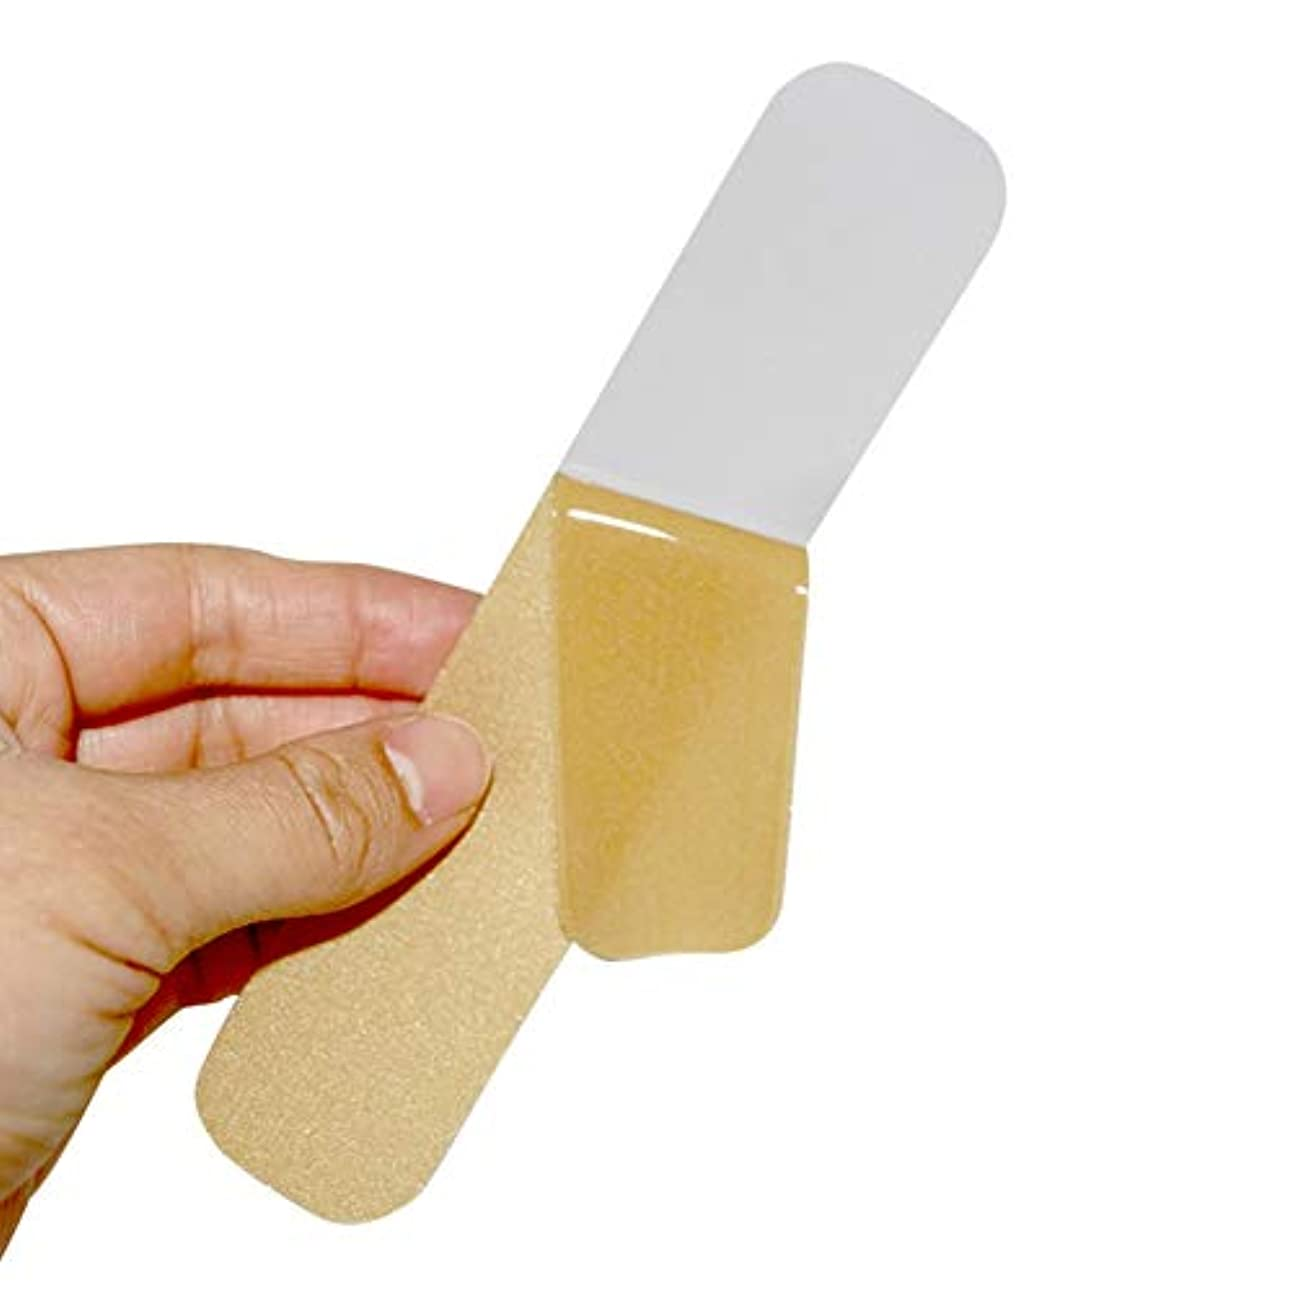 職人口述抜本的なDkhsyシリコンゲル傷跡シートゲルパッチシリコンゲルパッチ再利用可能なシリコンゲルパッチ傷跡除去ヒーリングシート皮膚修復シーティング